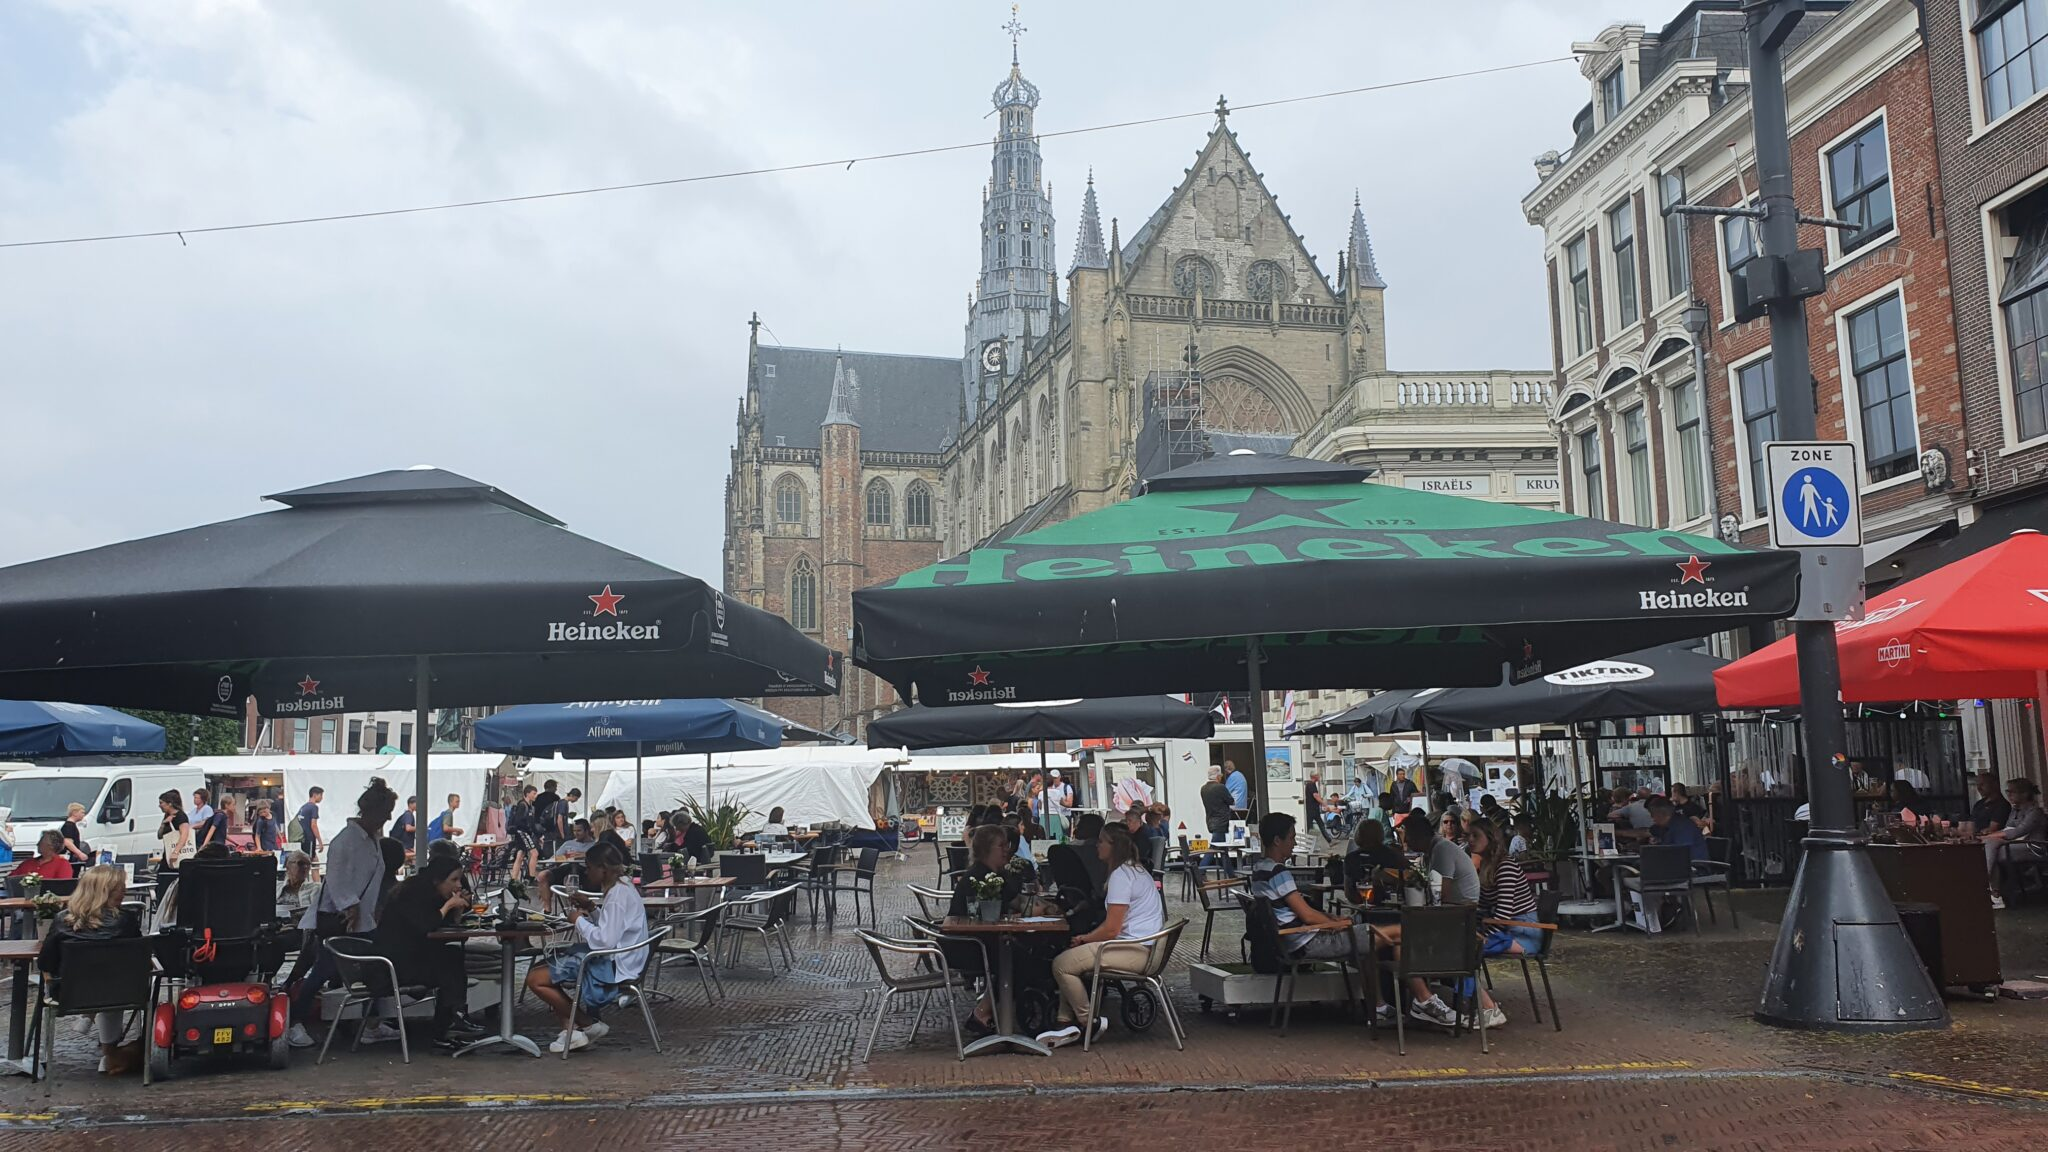 Overdekt terras overdekte terrassen Haarlem The Square